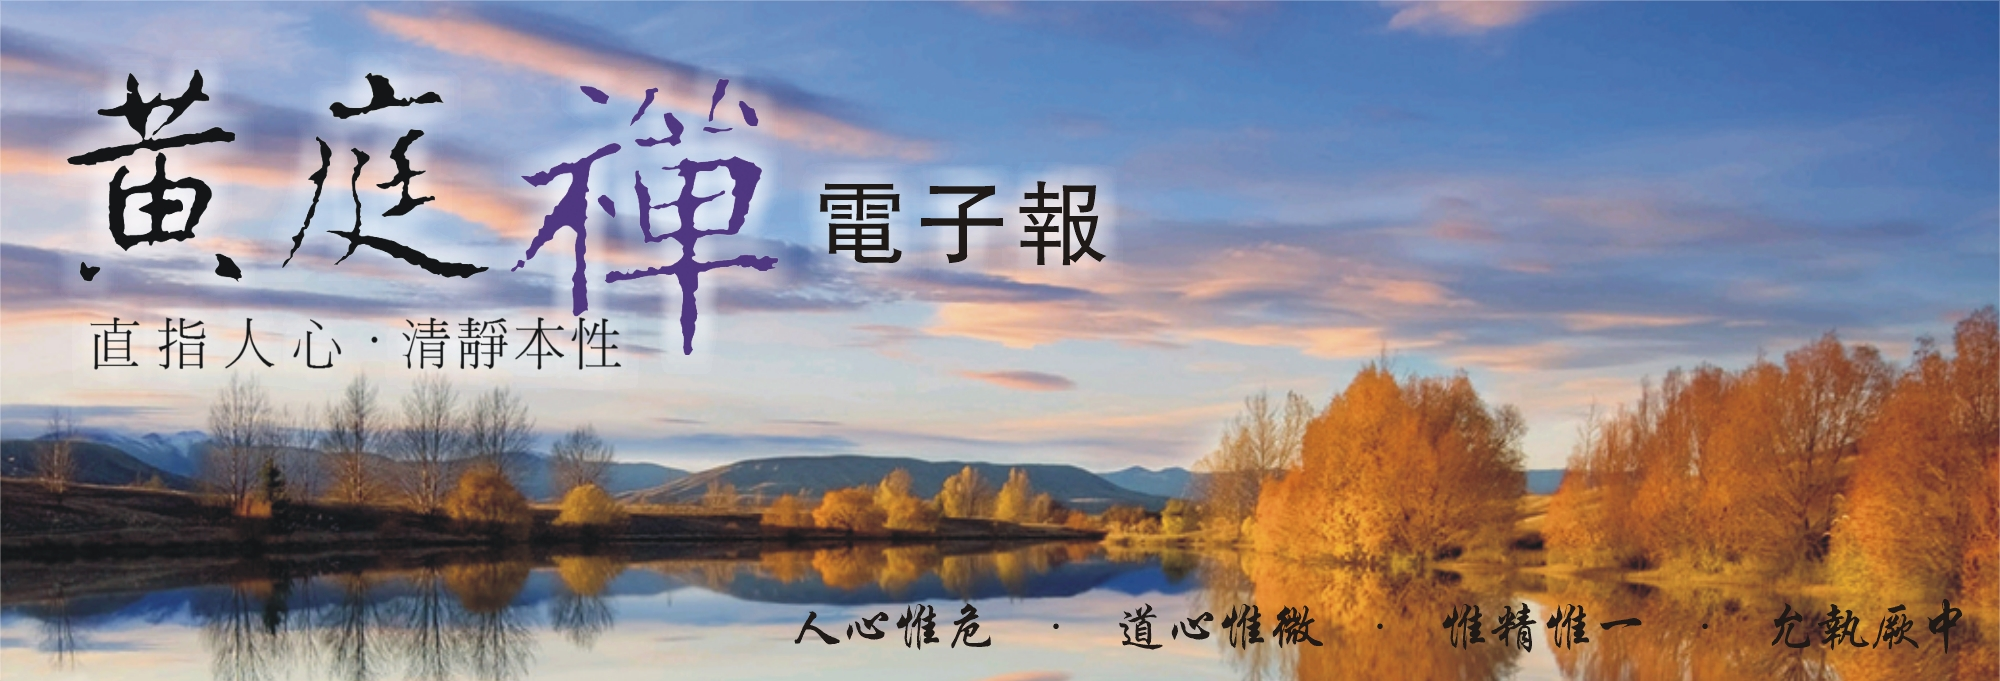 中華黃庭禪學會2014.11.01電子報